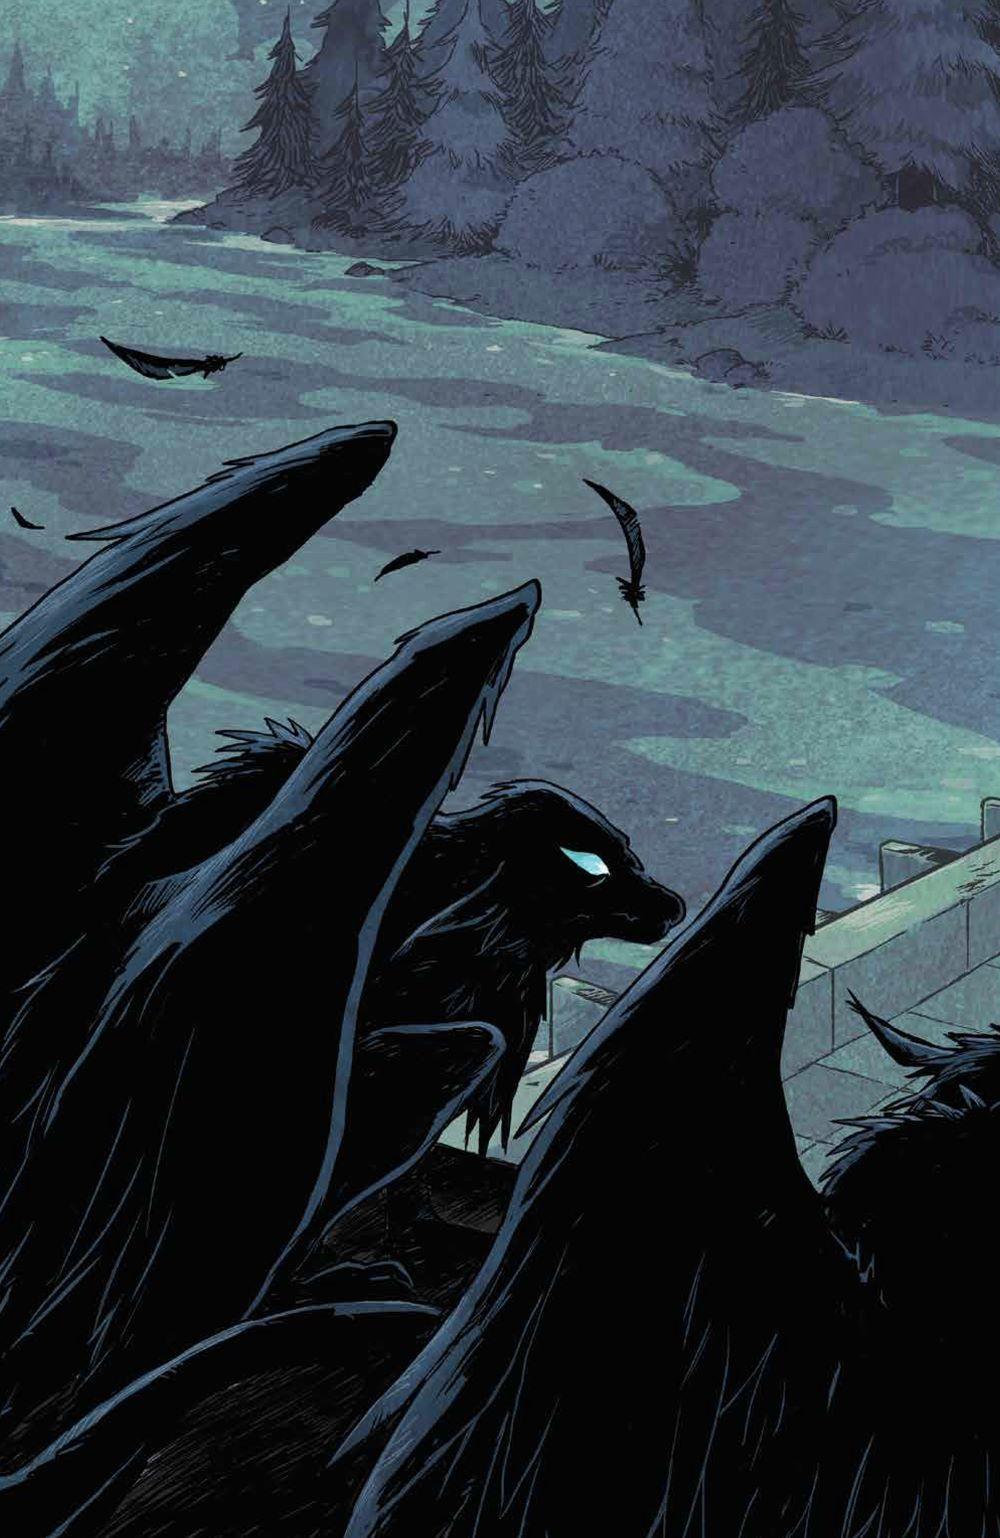 Wynd_006_PRESS_8 ComicList Previews: WYND #6 (OF 5)